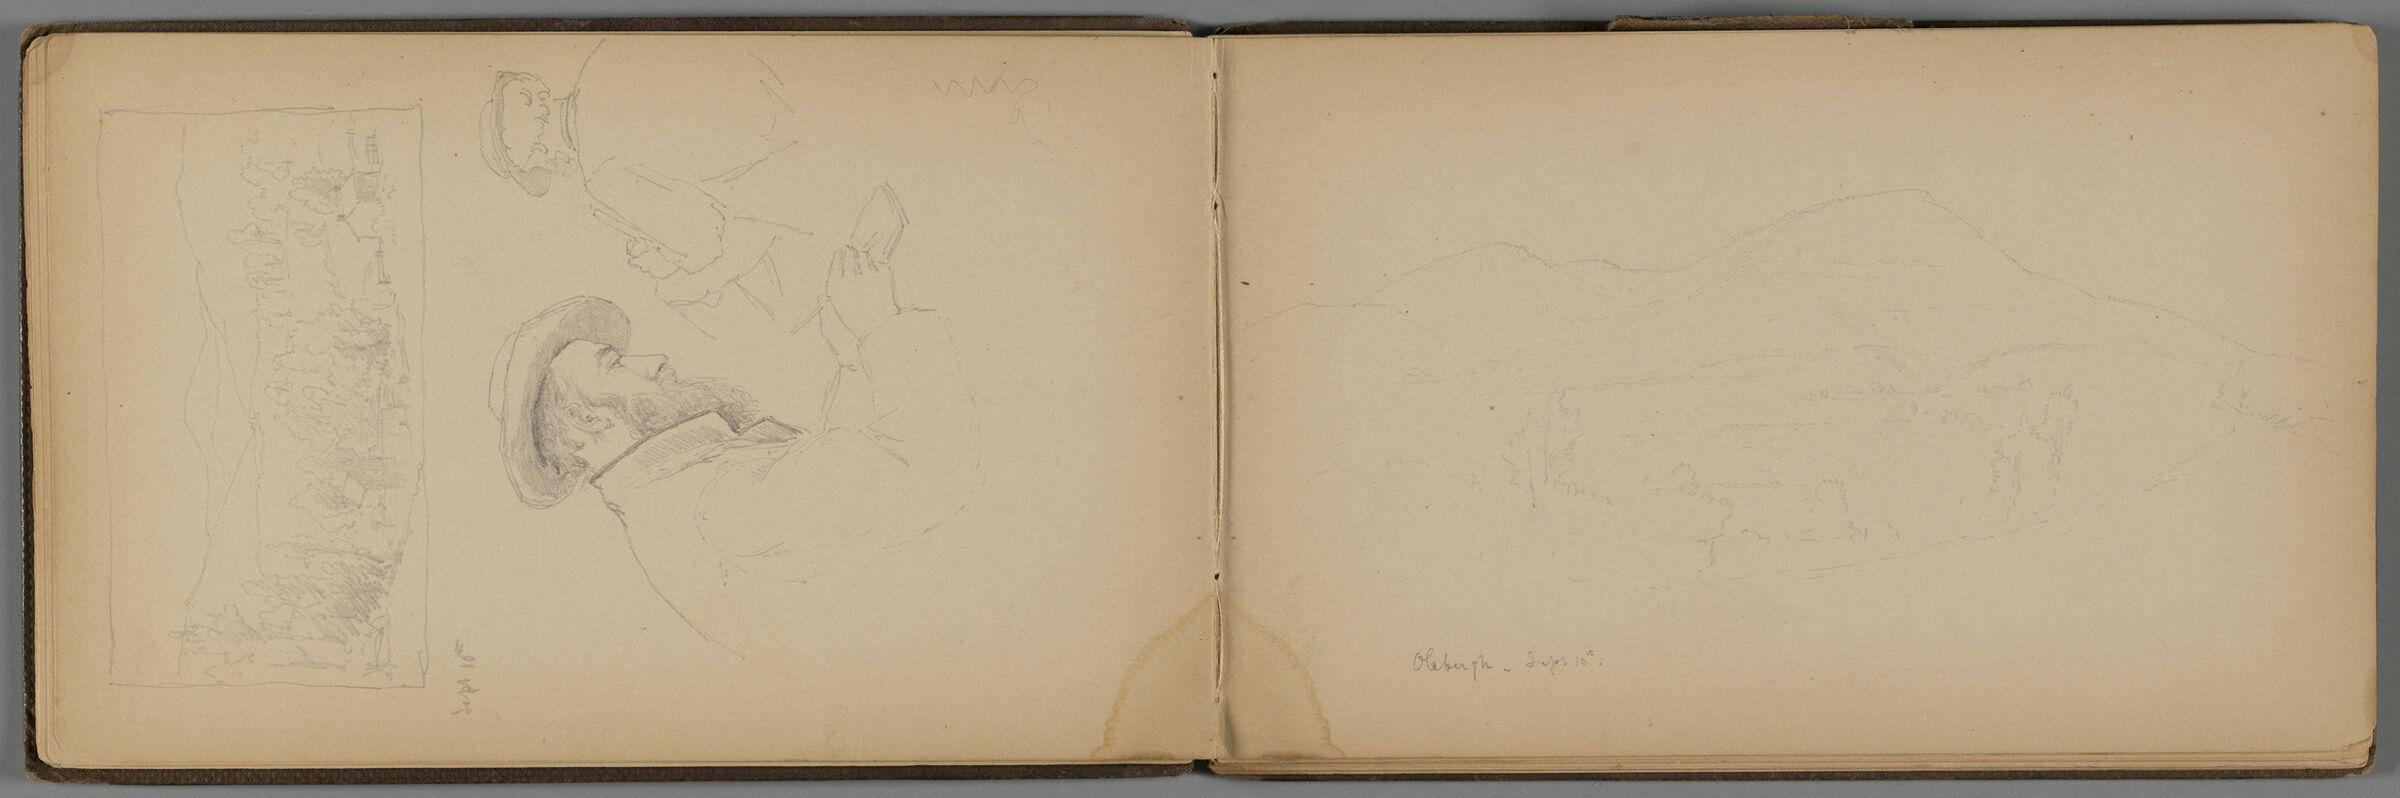 Faint Landscape; Verso: Landscape And Partial Landscape